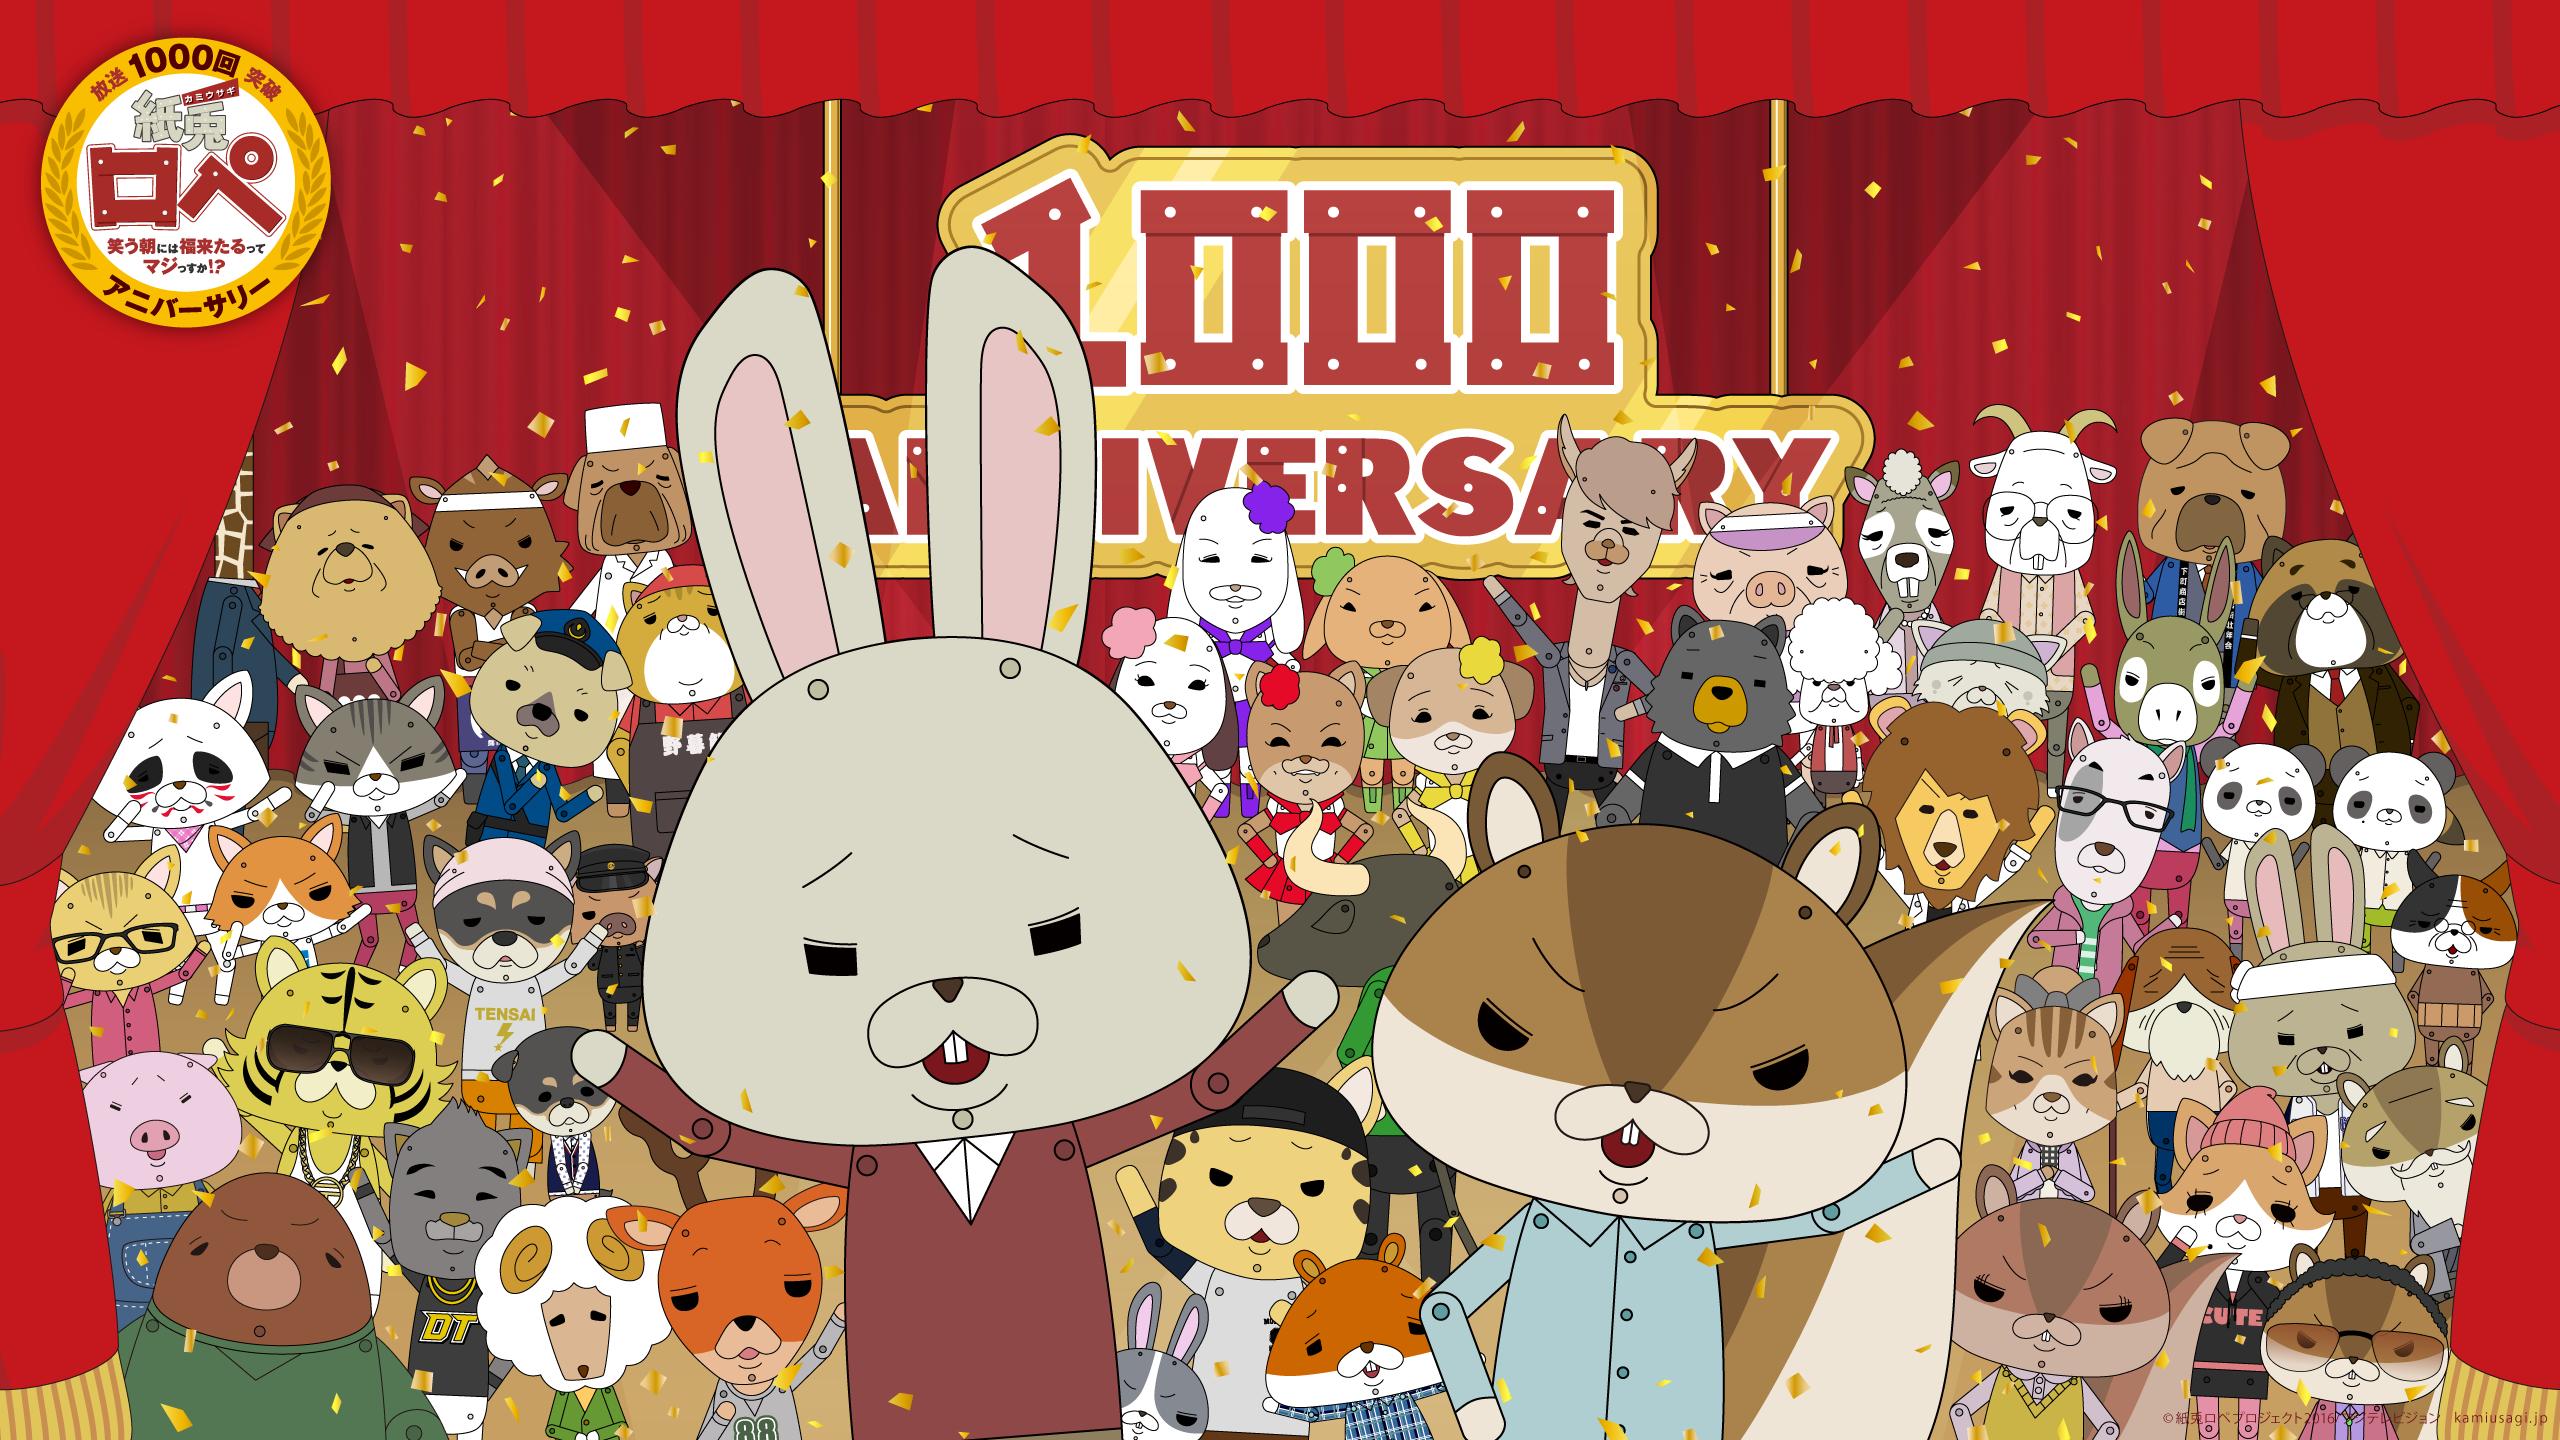 『紙兎ロペ』放送1000回突破記念DVD本日リリース!!